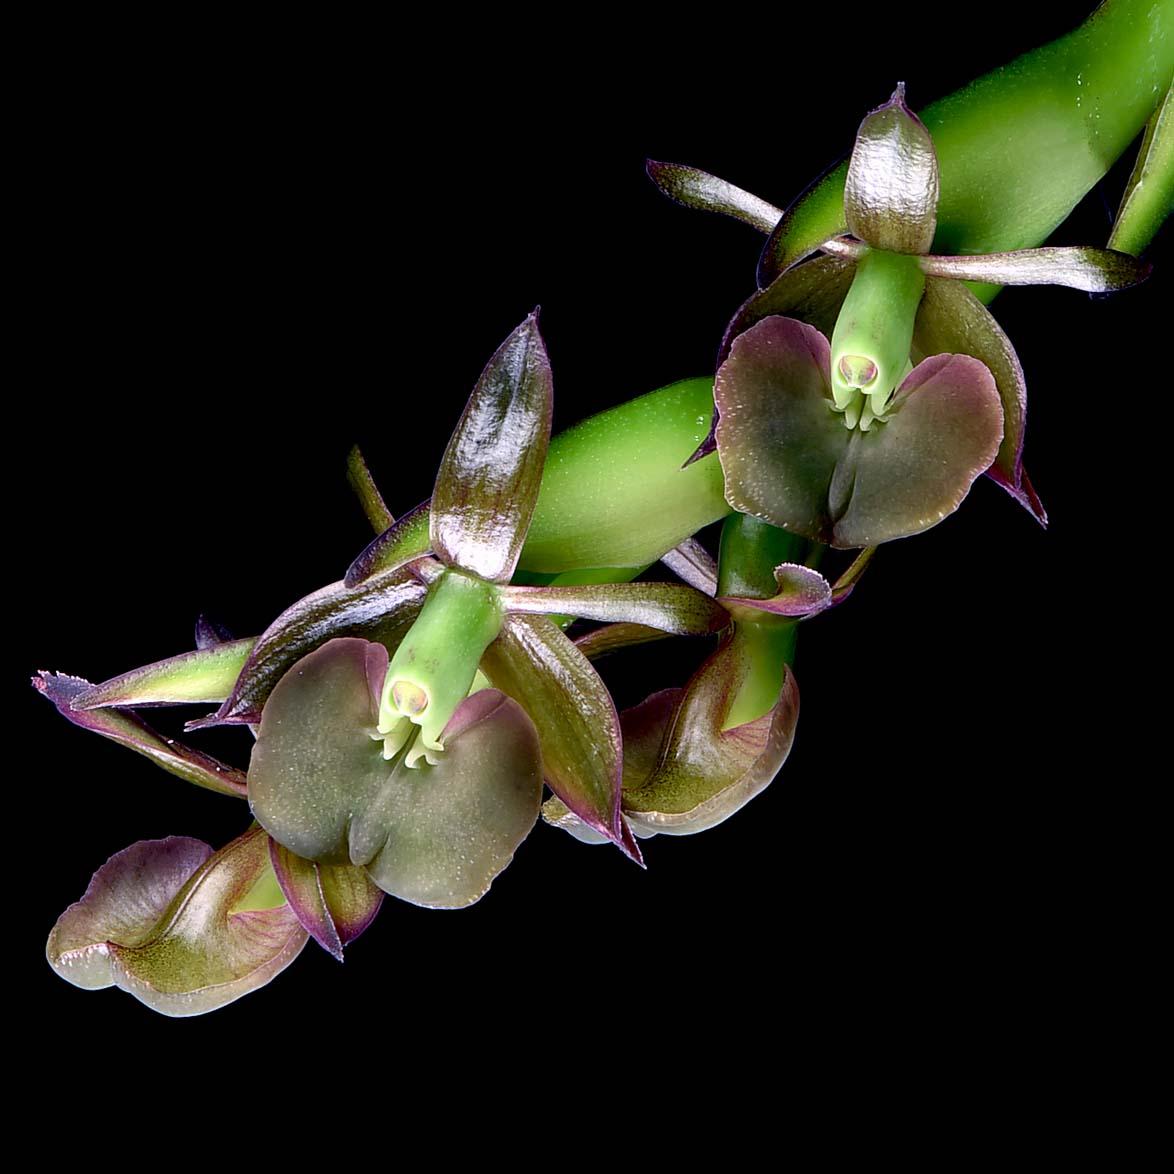 Epidendrum coriifolium